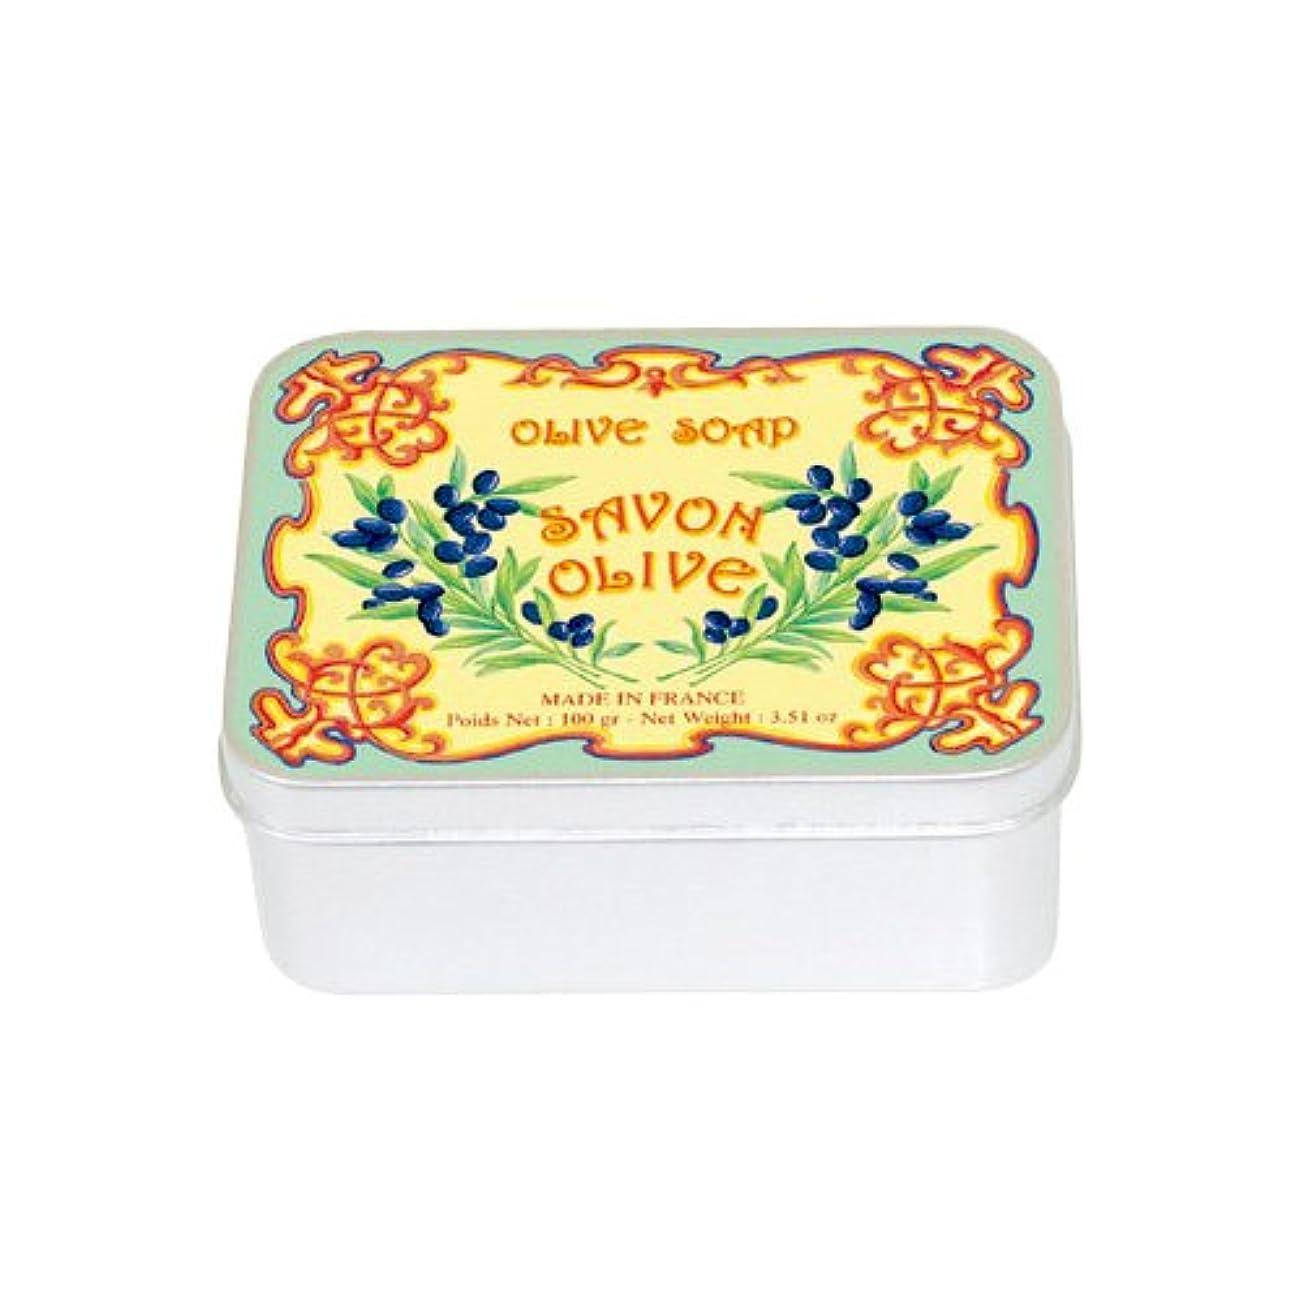 美しい記念日一時的ルブランソープ メタルボックス(オリーブの香り)石鹸